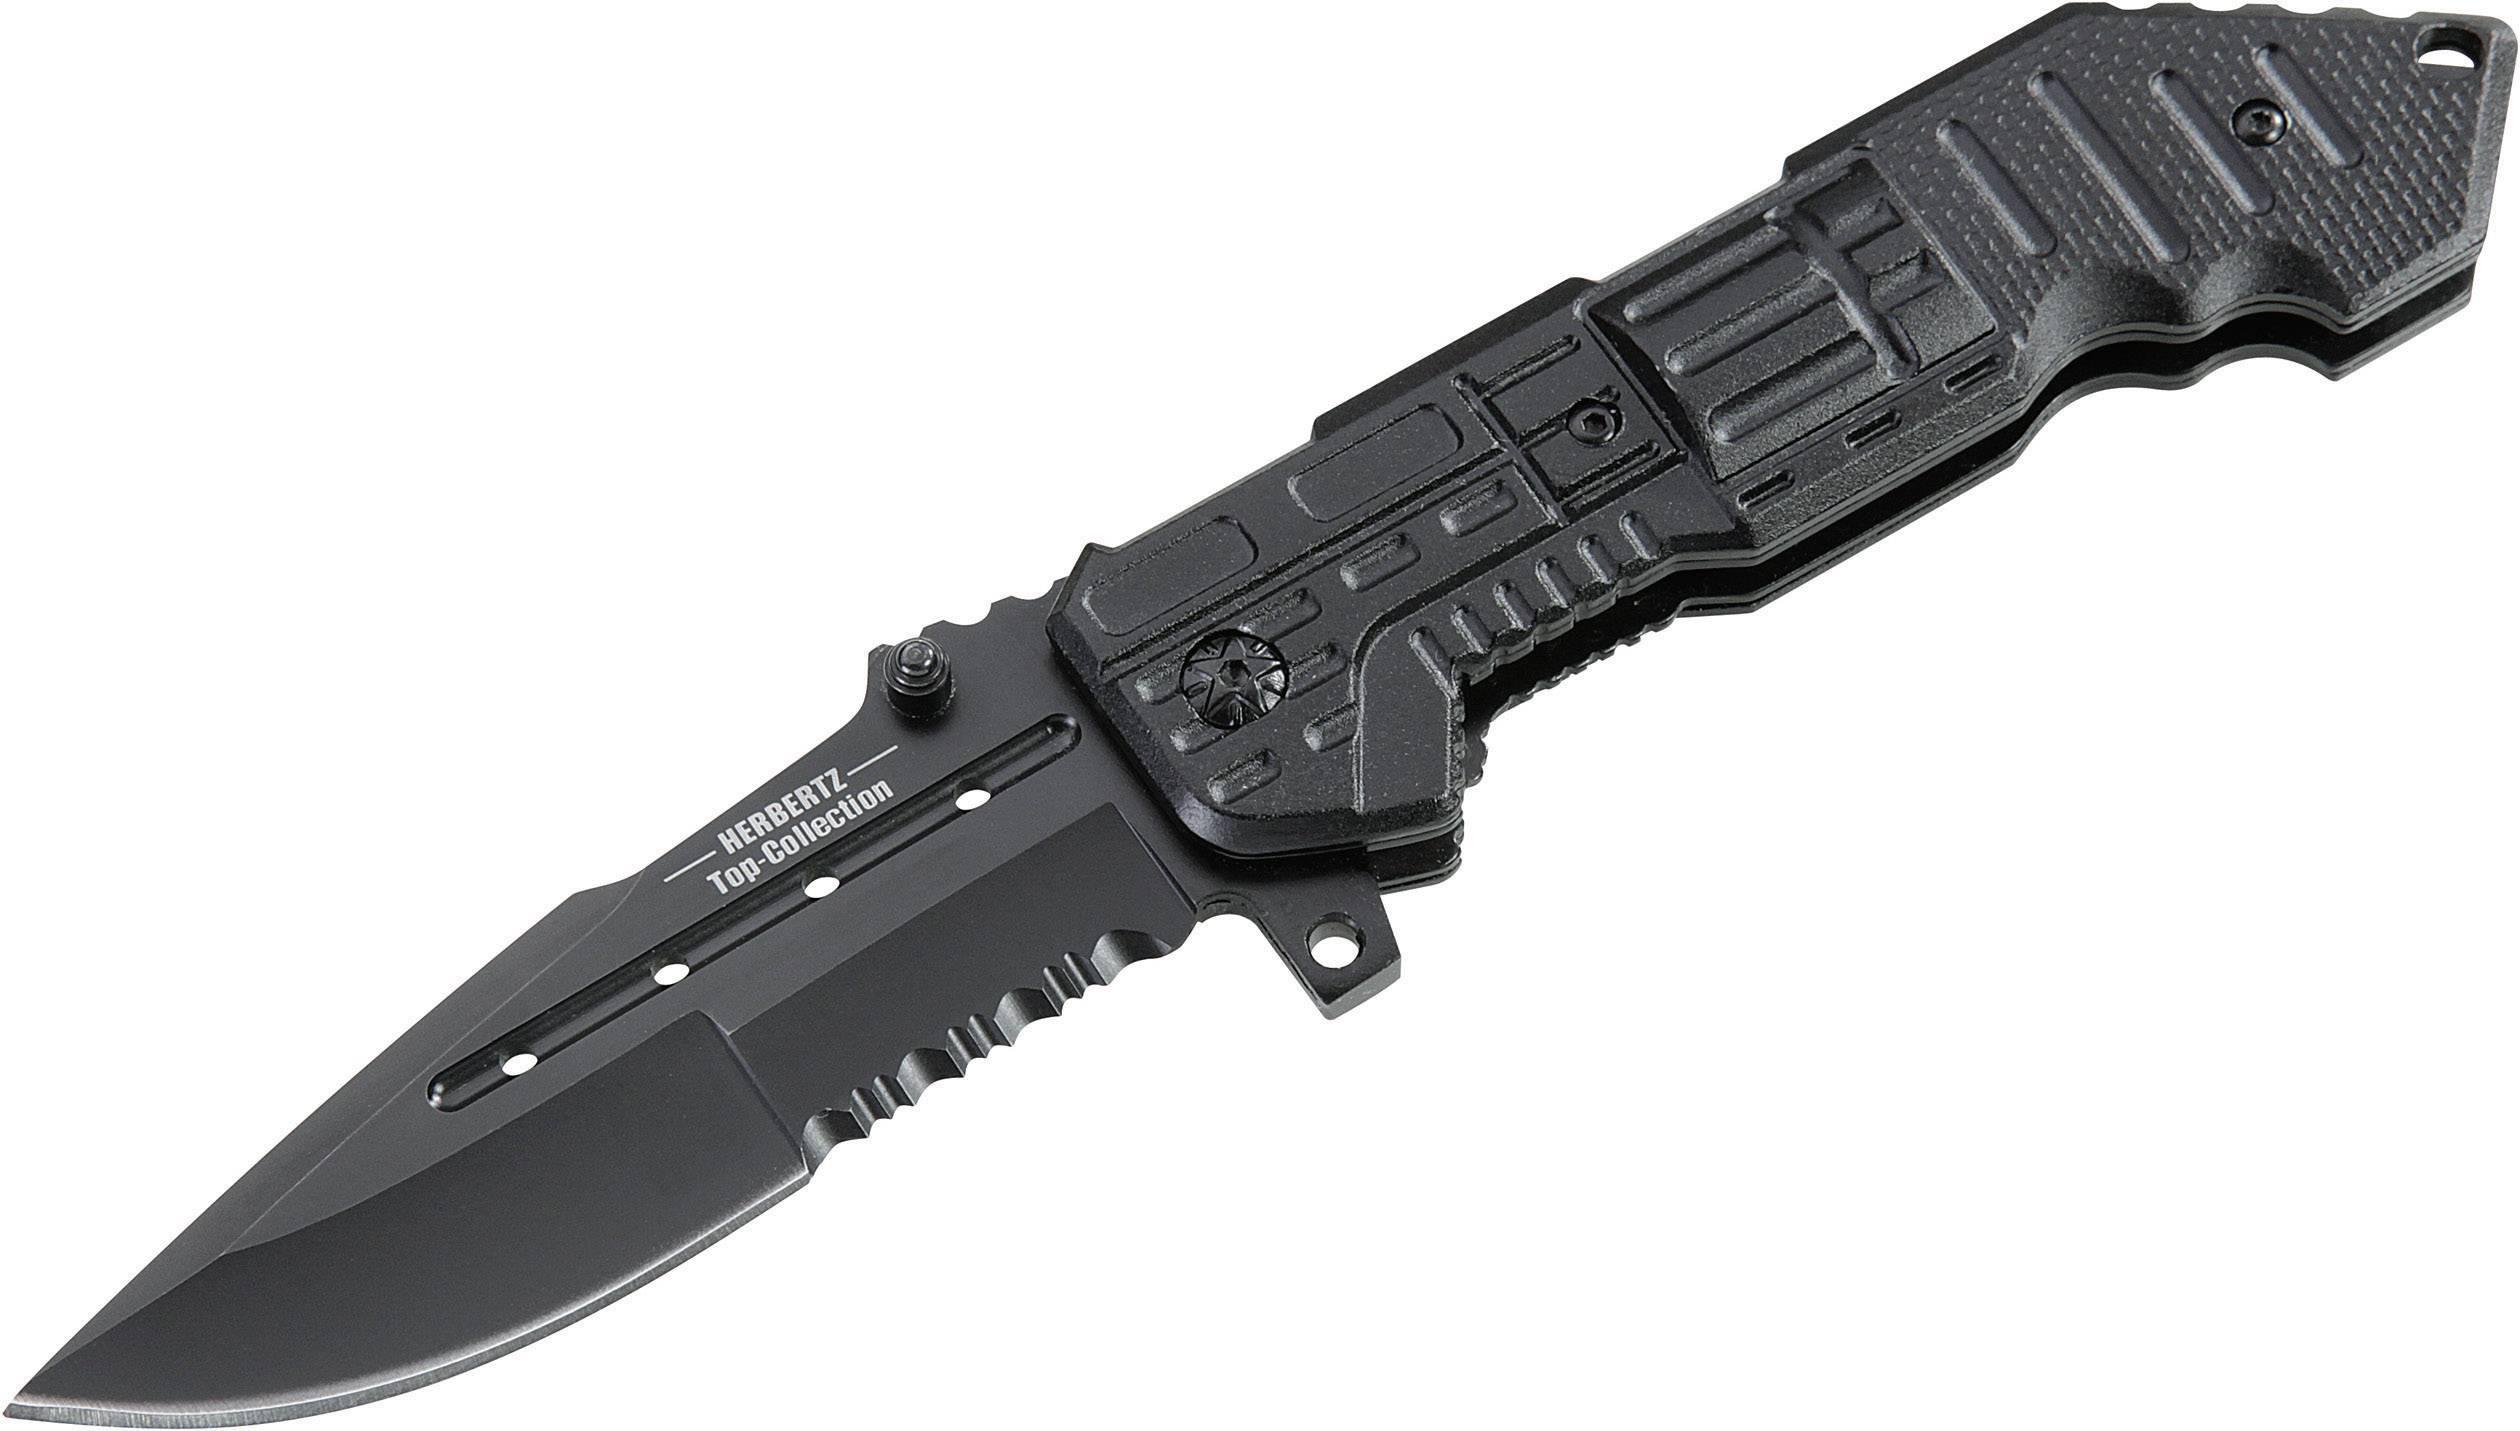 Outdoorový nůž Herbertz Top-Collection 521112, černá